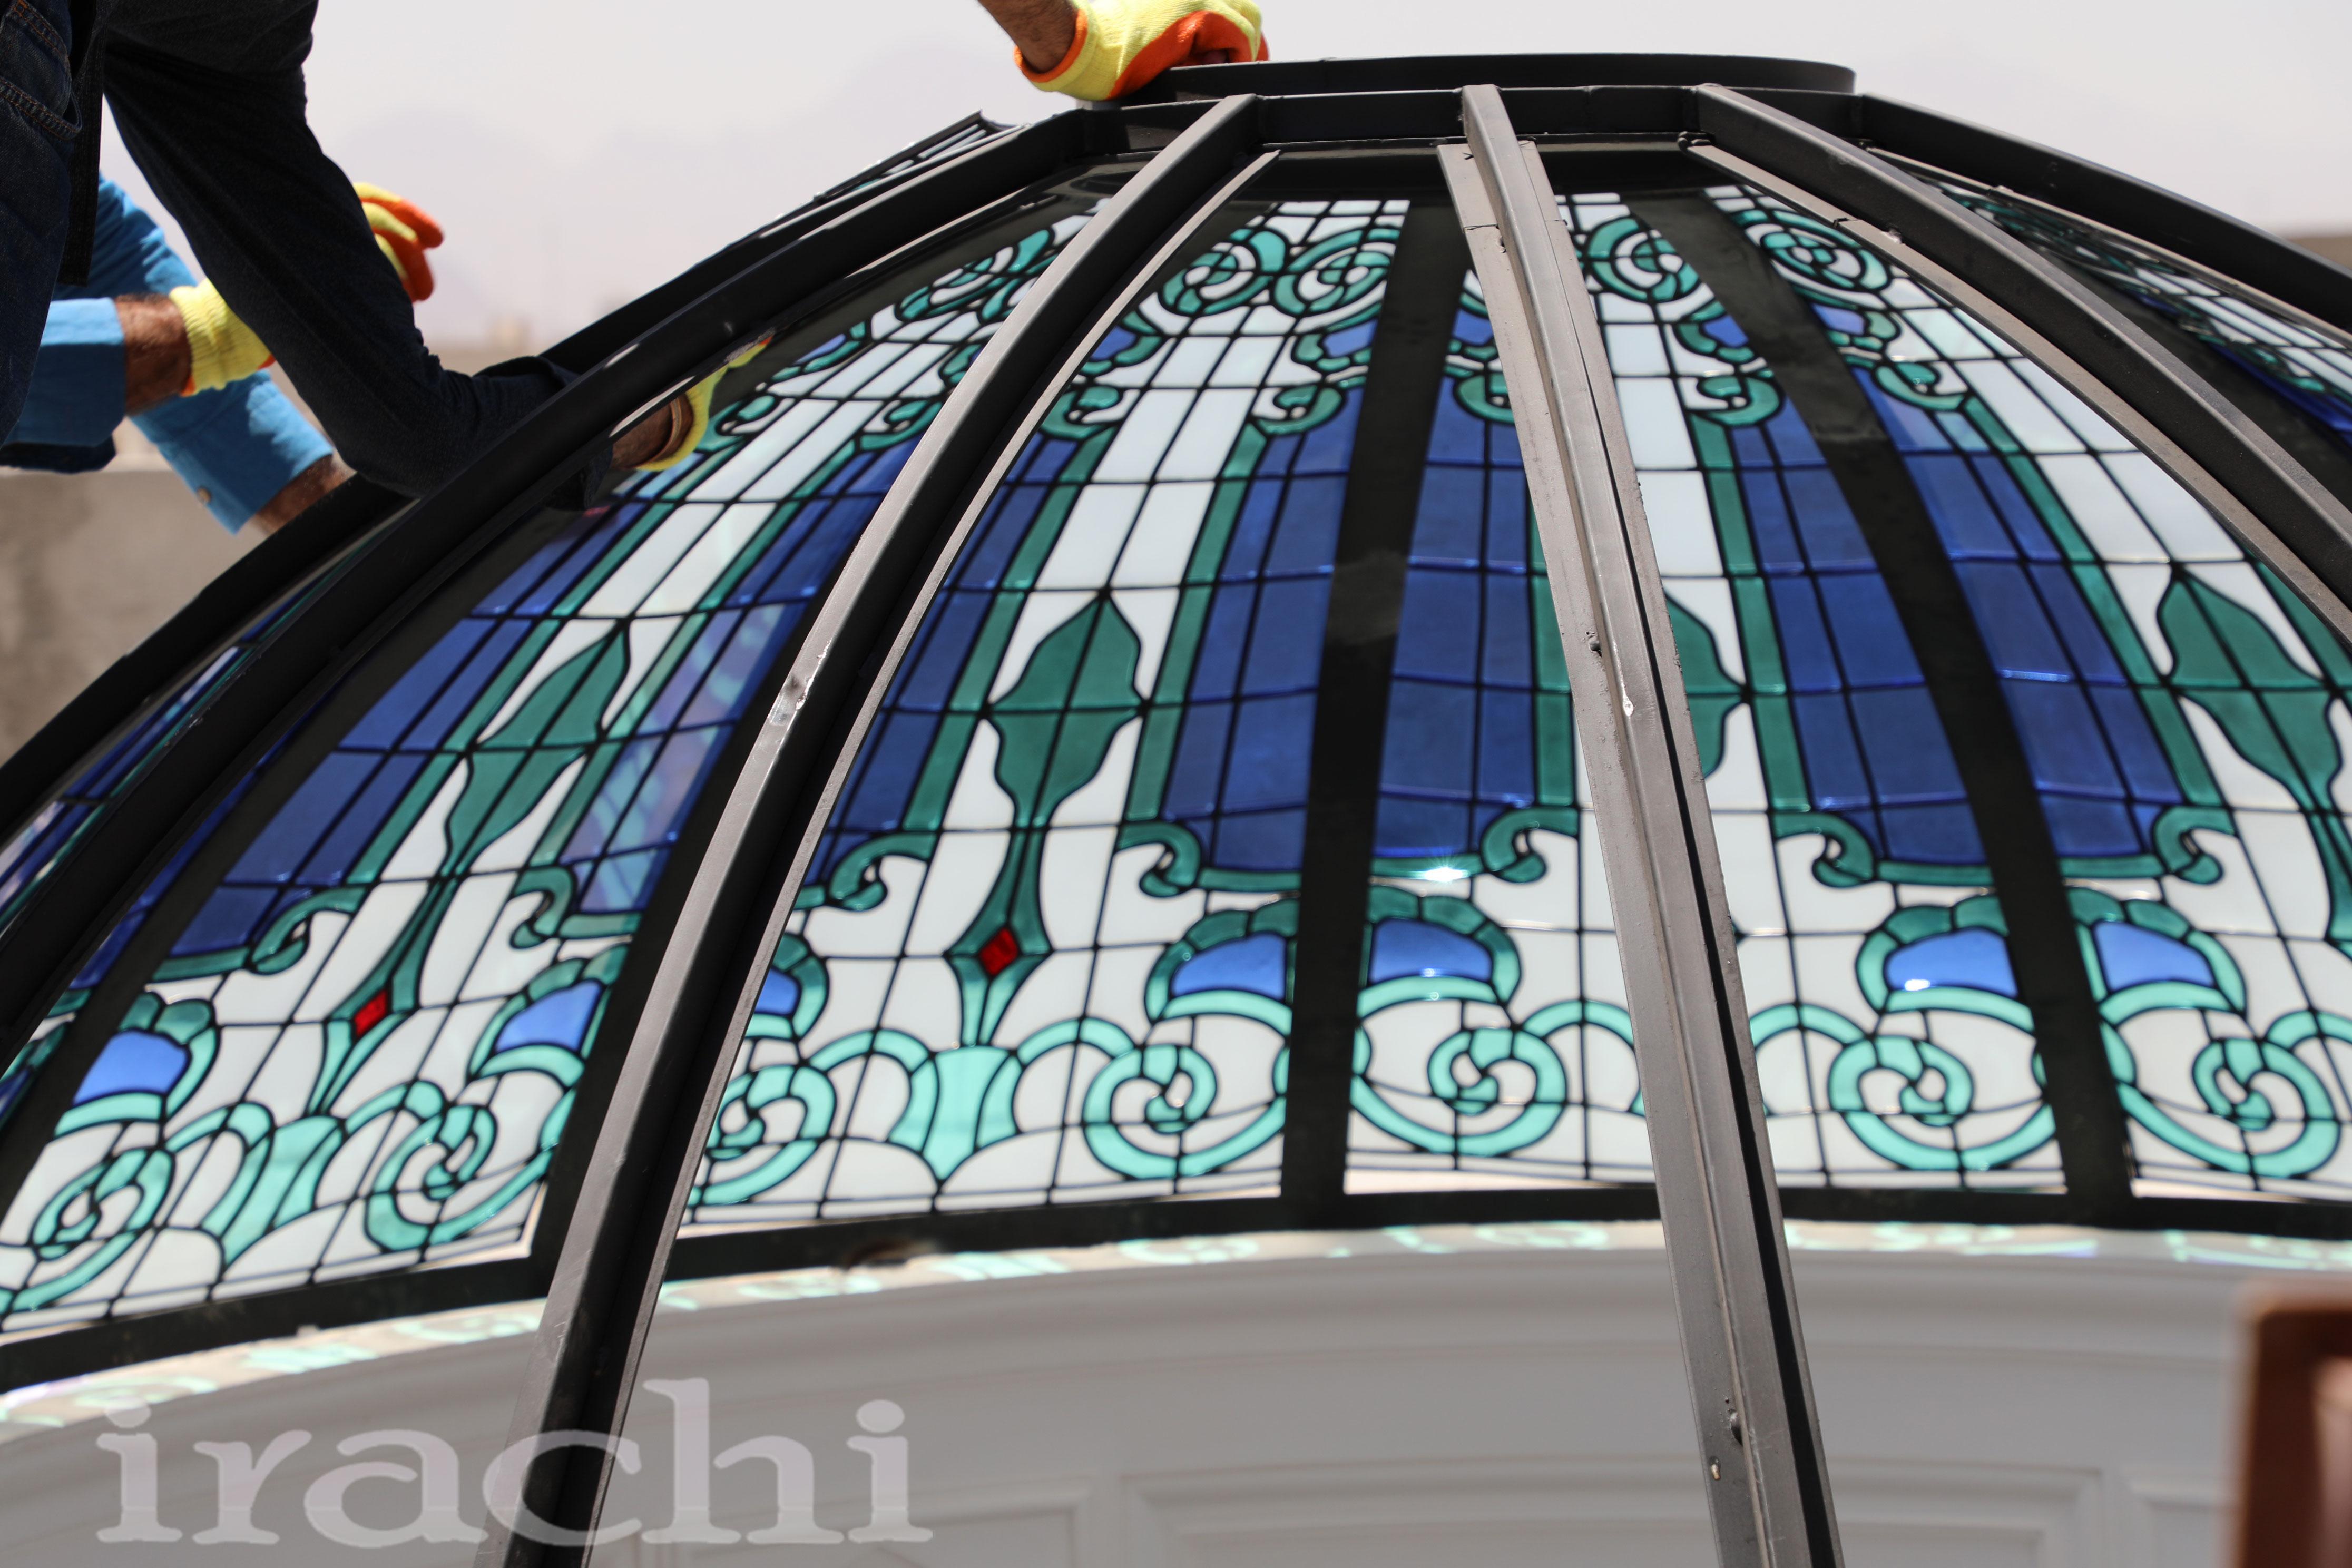 گنبد شیشه ای استین گلاس در ساختمان ویلایی یزد